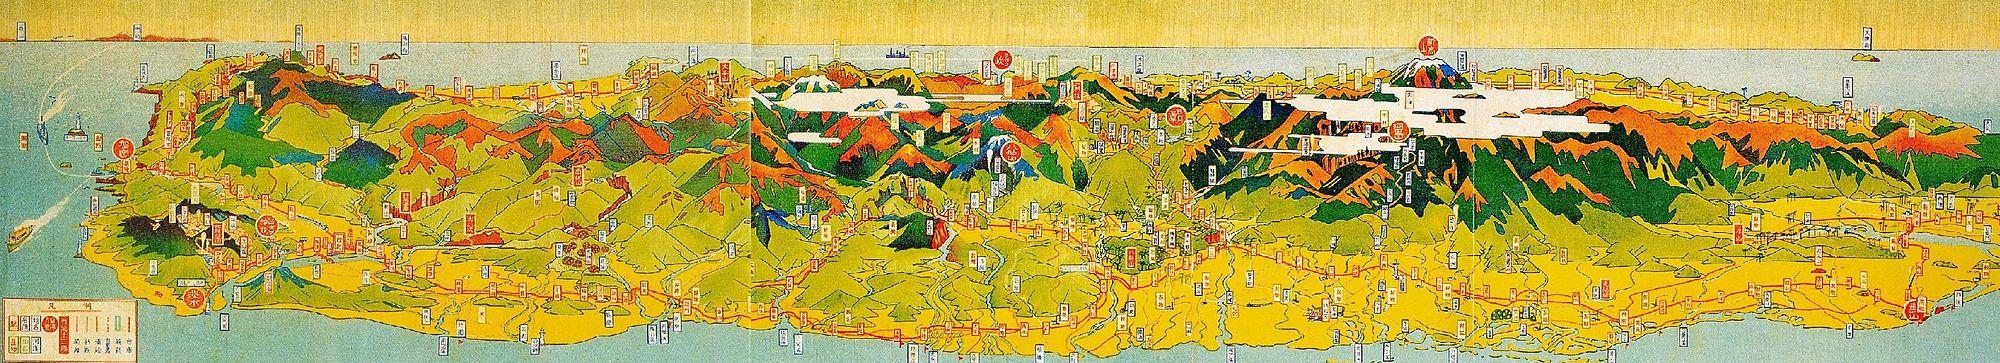 1928年,鐵道部於臺灣日日新報刊登的觀光地圖,上面標明臺灣鐵路沿線各大站及城鎮位置,並註記臺灣八景與十二名勝